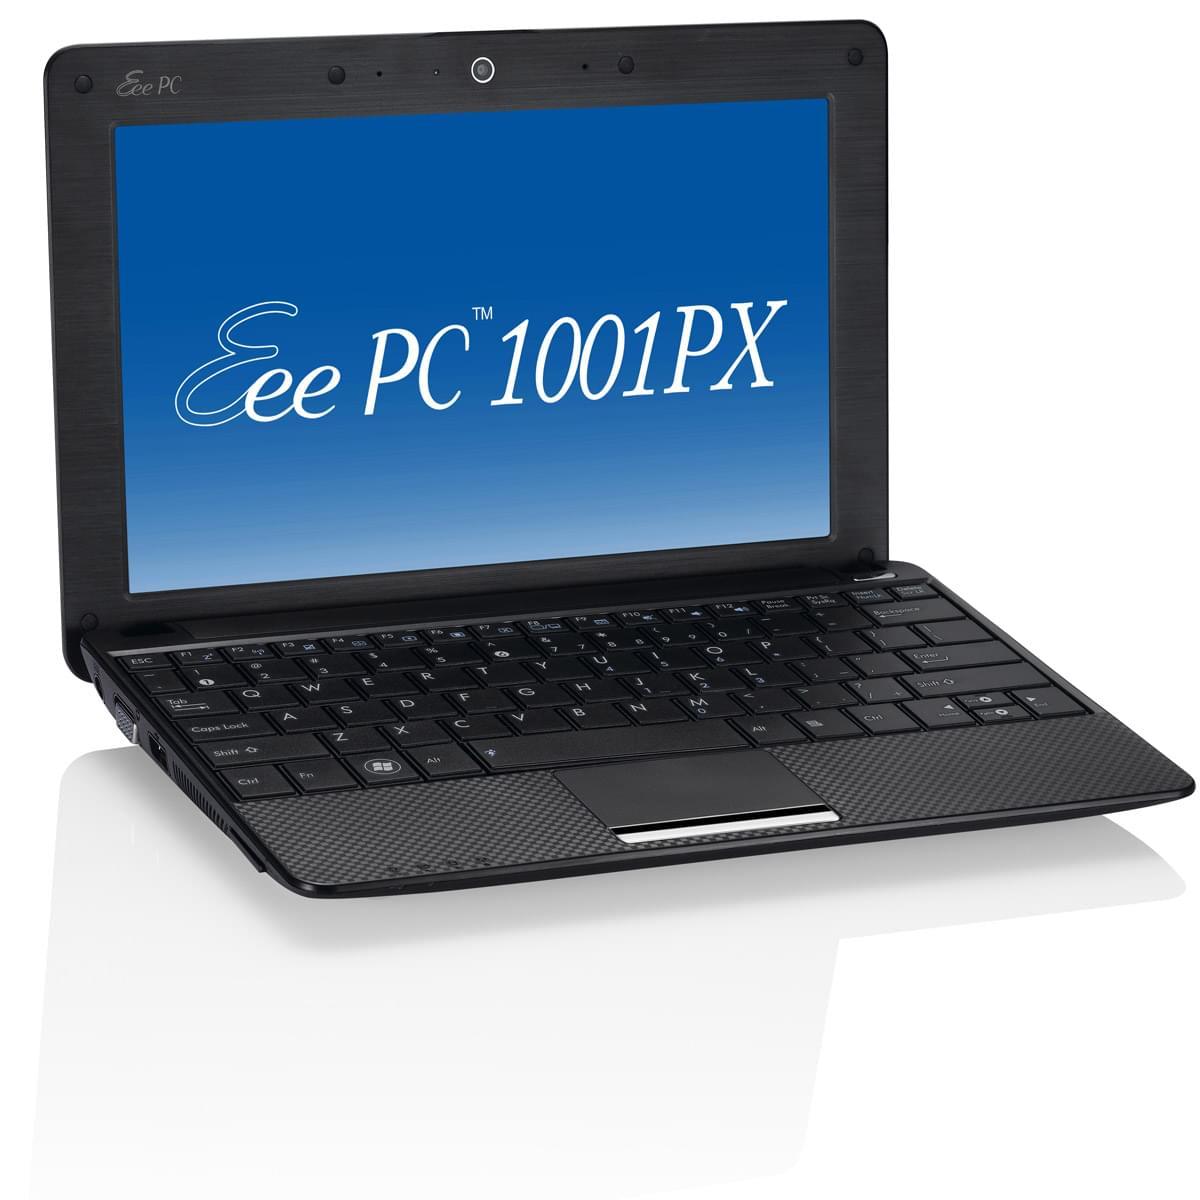 Asus 1001PX-BLK004S Noir (1001PX-BLK004S) - Achat / Vente PC Portable sur Cybertek.fr - 0